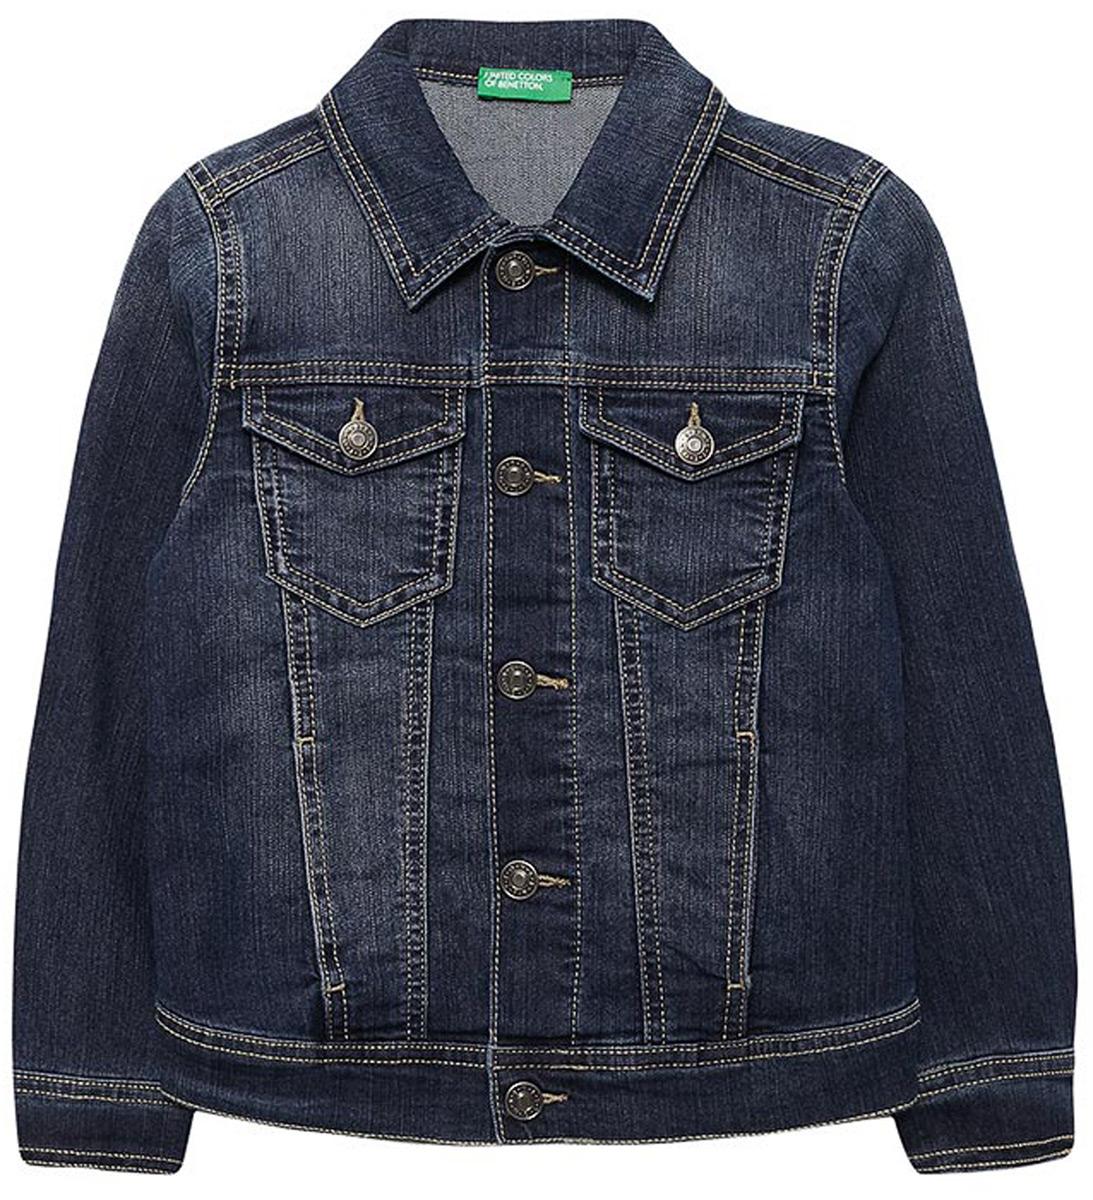 Куртка для мальчика United Colors of Benetton, цвет: синий. 2CU953BH0_901. Размер 1702CU953BH0_901Джинсовая куртка от United Colors of Benetton выполнена из эластичного хлопкового денима. Модель классического кроя с длинными рукавами и отложным воротником застегивается на металлические пуговицы-болты. По бокам куртка дополнена втачными карманами, на груди – накладными карманами с клапанами на пуговицах.